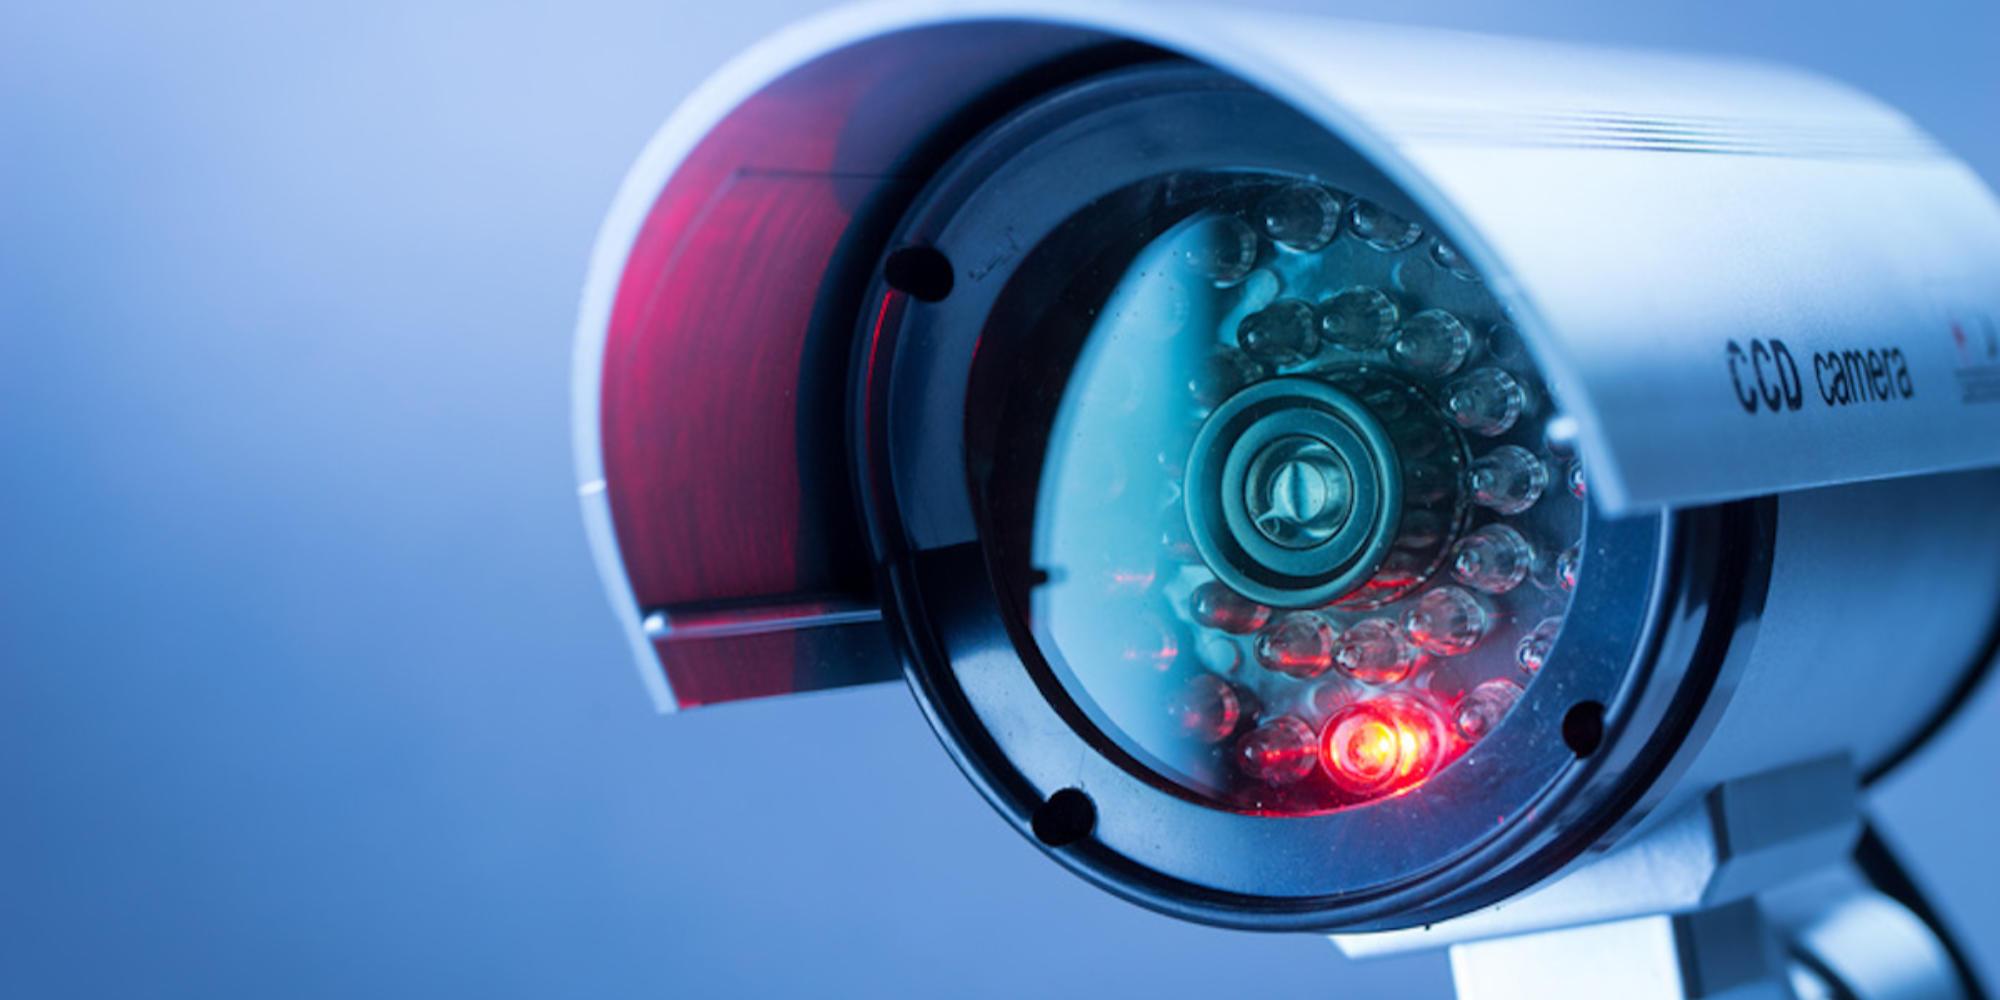 Comment cacher une caméra sans fil?